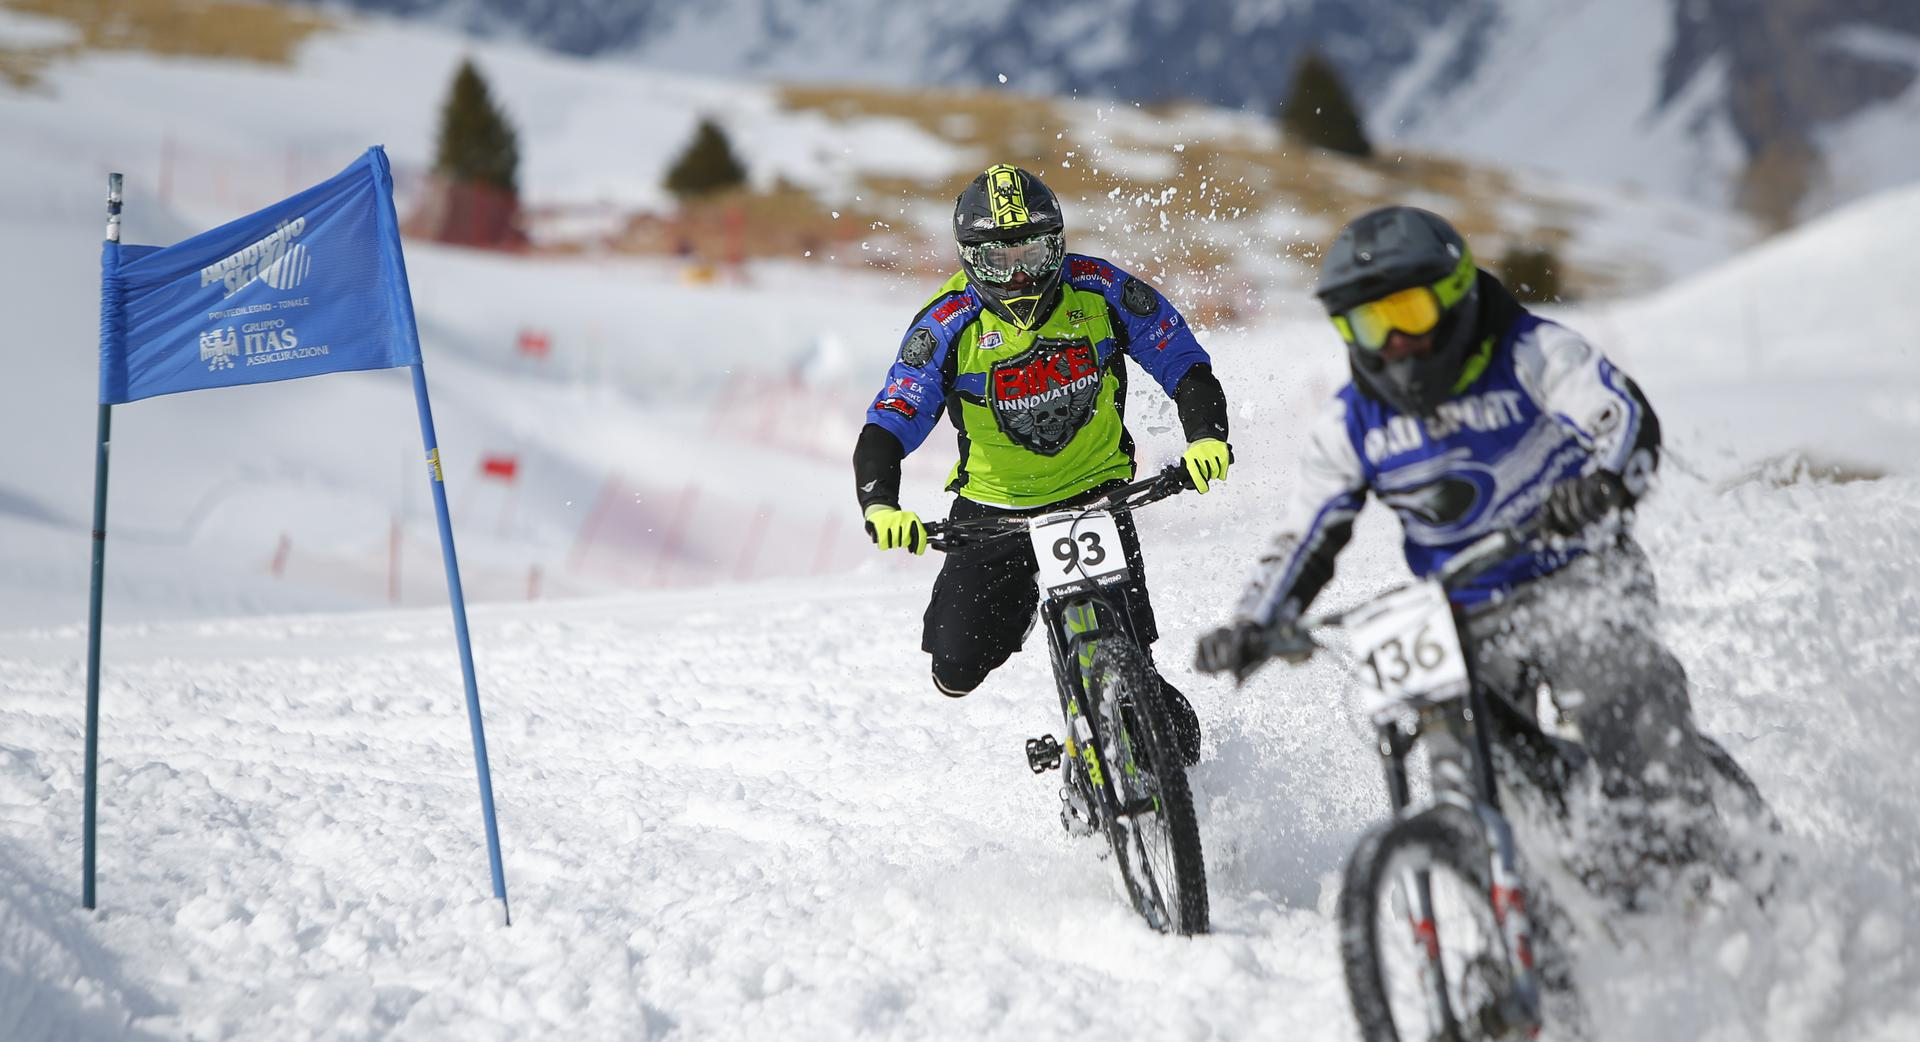 Sfida ad alta velocità a La Winter DH 2020 con le porte da slalom gigante a delimitare il percorso (Credits: Photo Team)